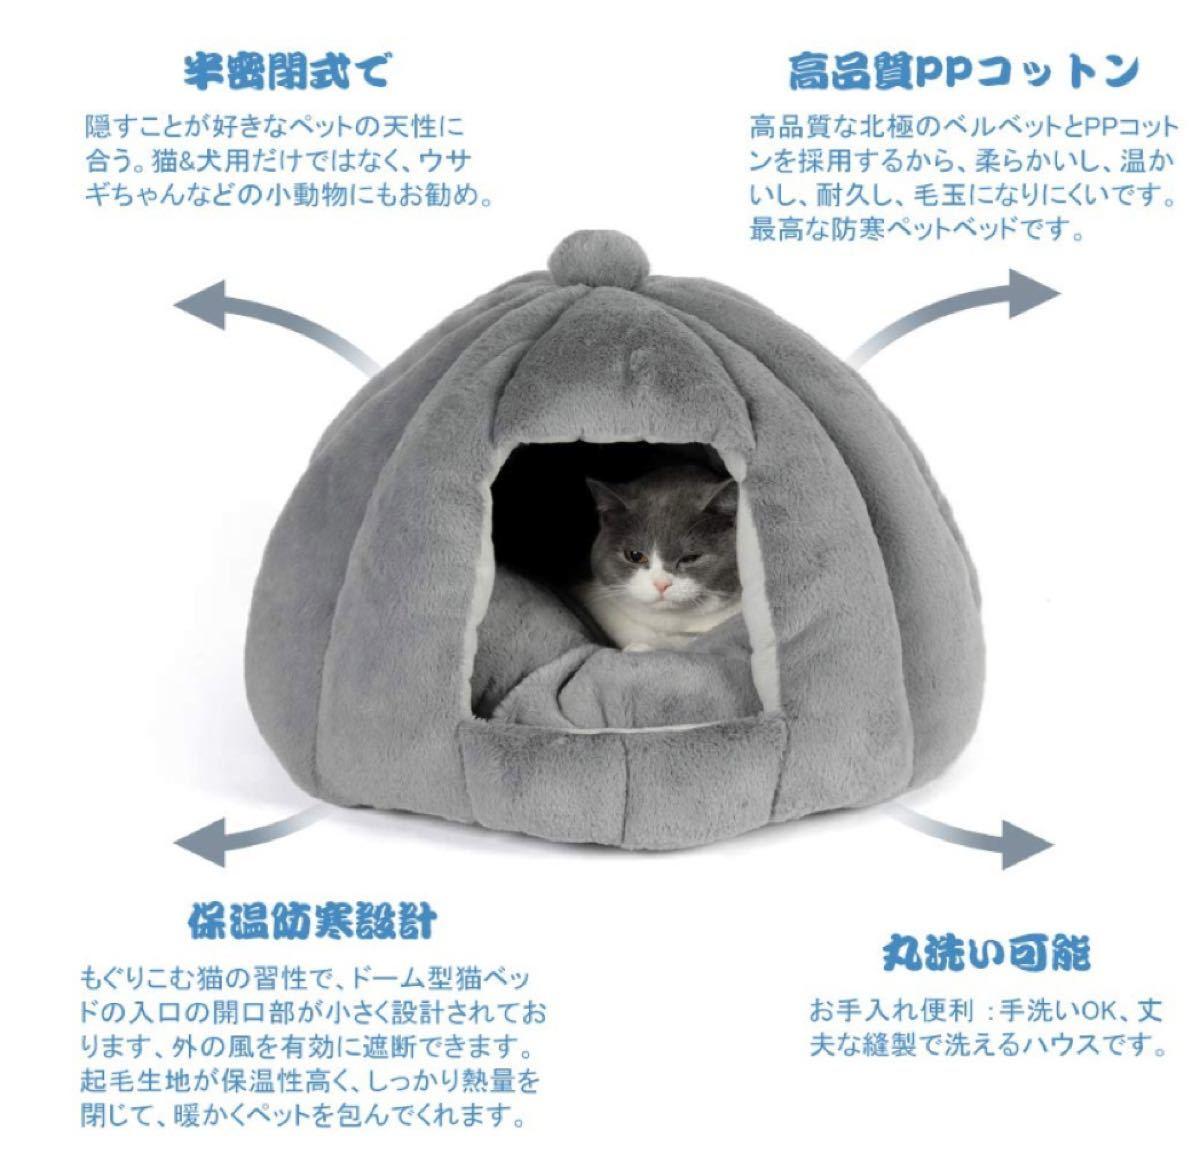 猫ハウス 猫ベッド ドーム型 犬猫 マット クッション 寒さ対策 保温防寒 快適